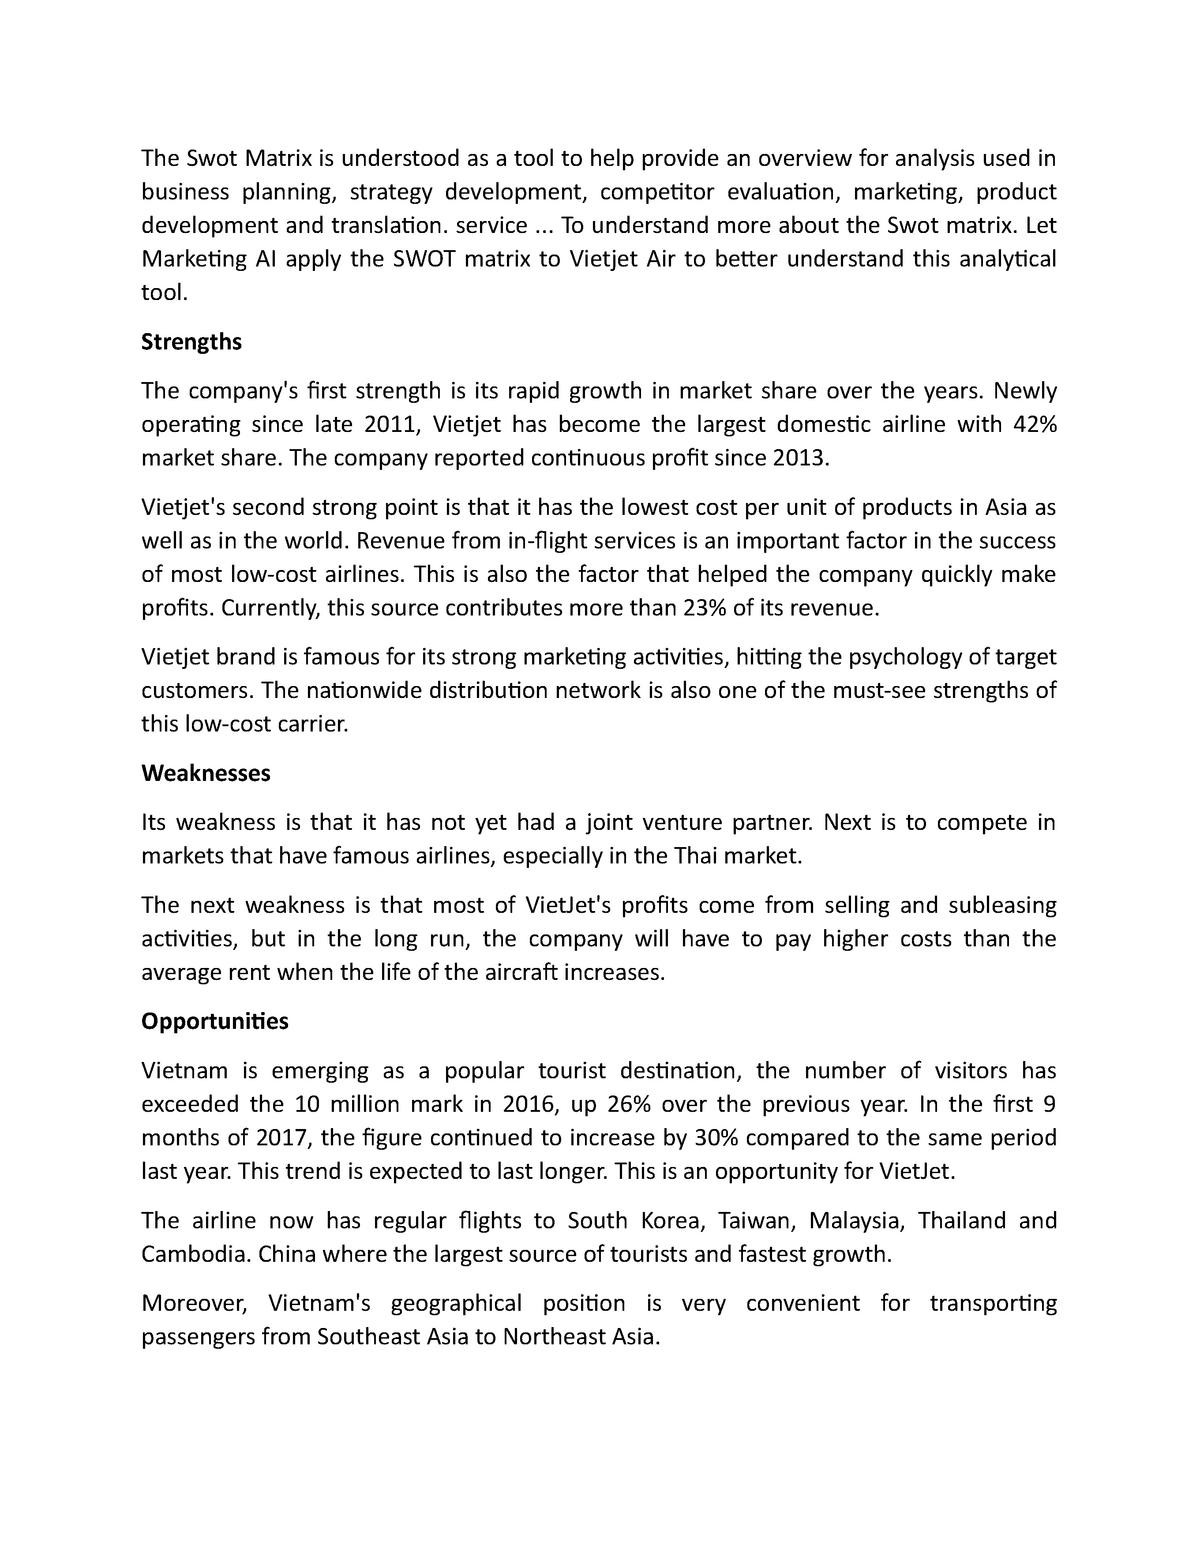 SWOT analysis of Vietjet Air - Marketing Essential ME - StuDocu